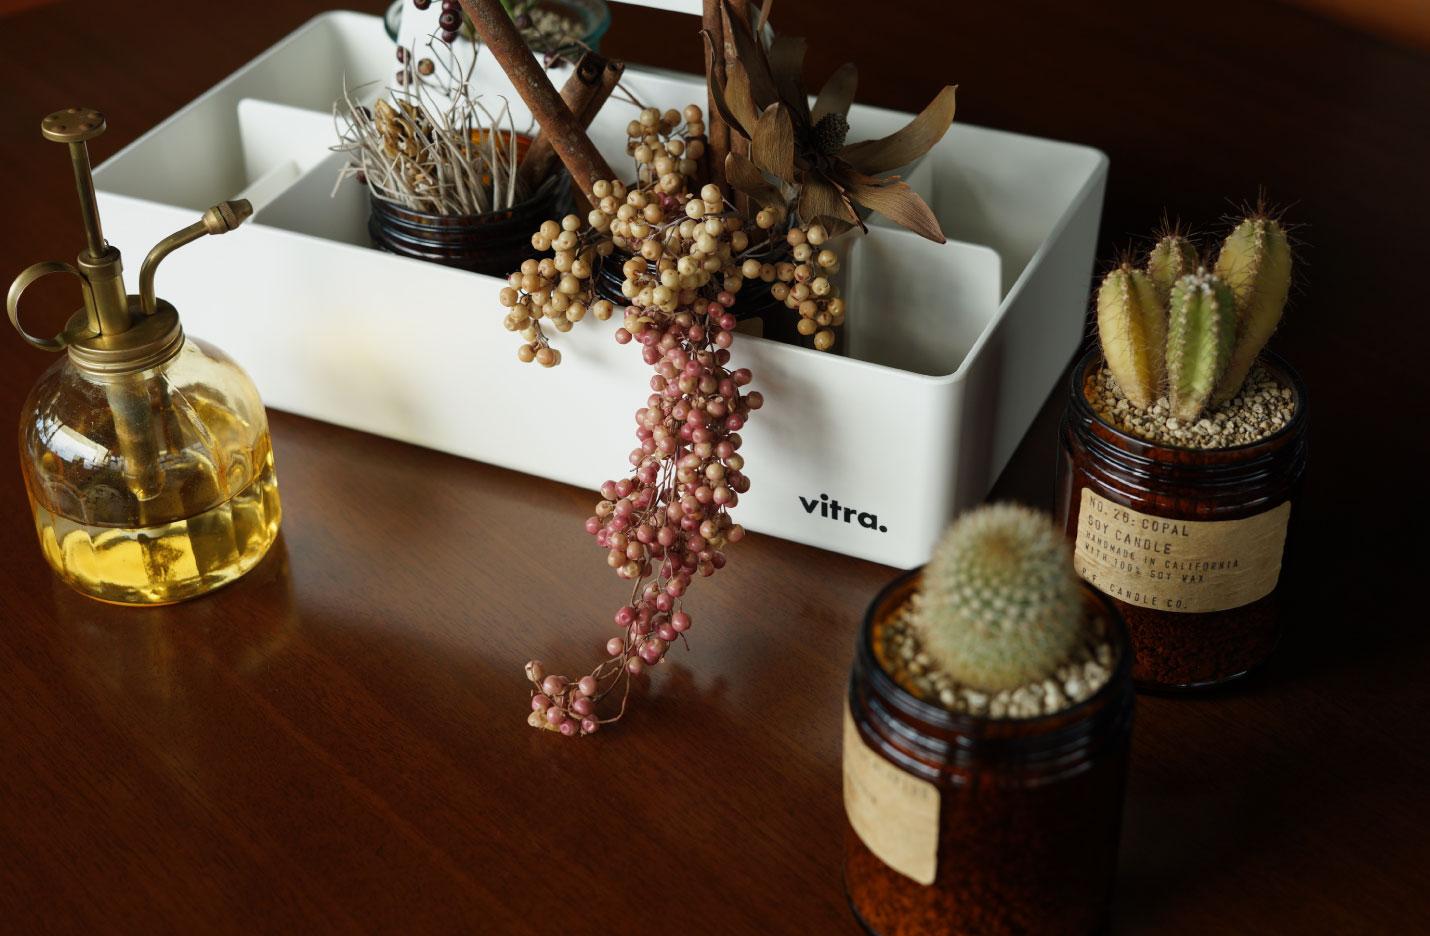 ヴィトラ(Vitra)ツールボックス(Toolbox)に多肉植物やドライフラワーを入れて